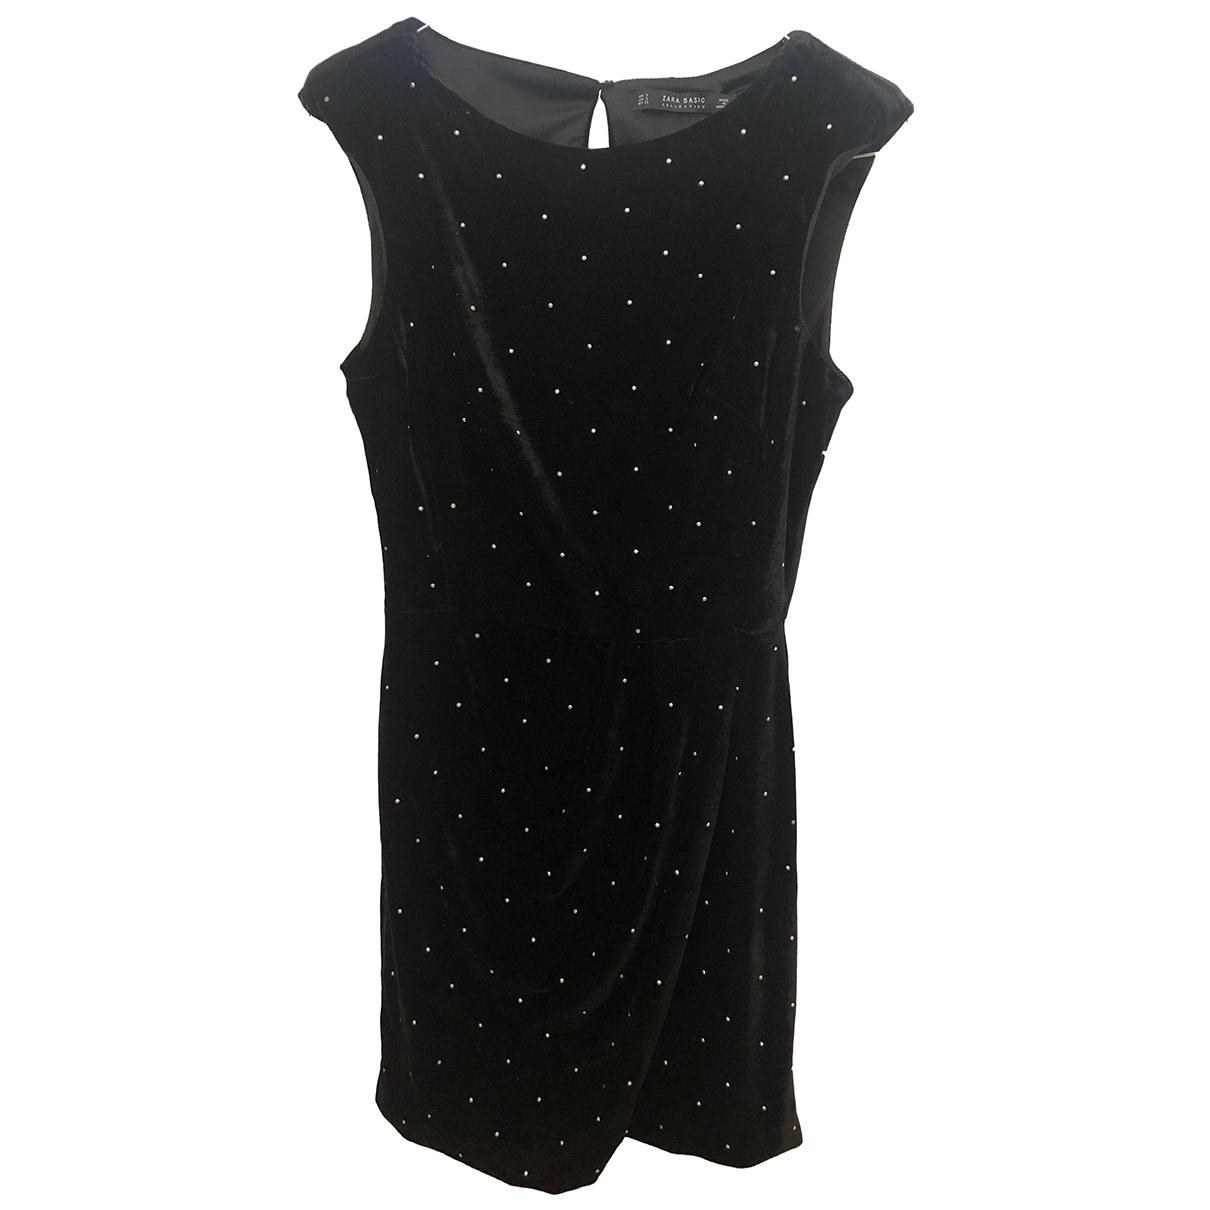 Zara \N Black Velvet dress for Women S International